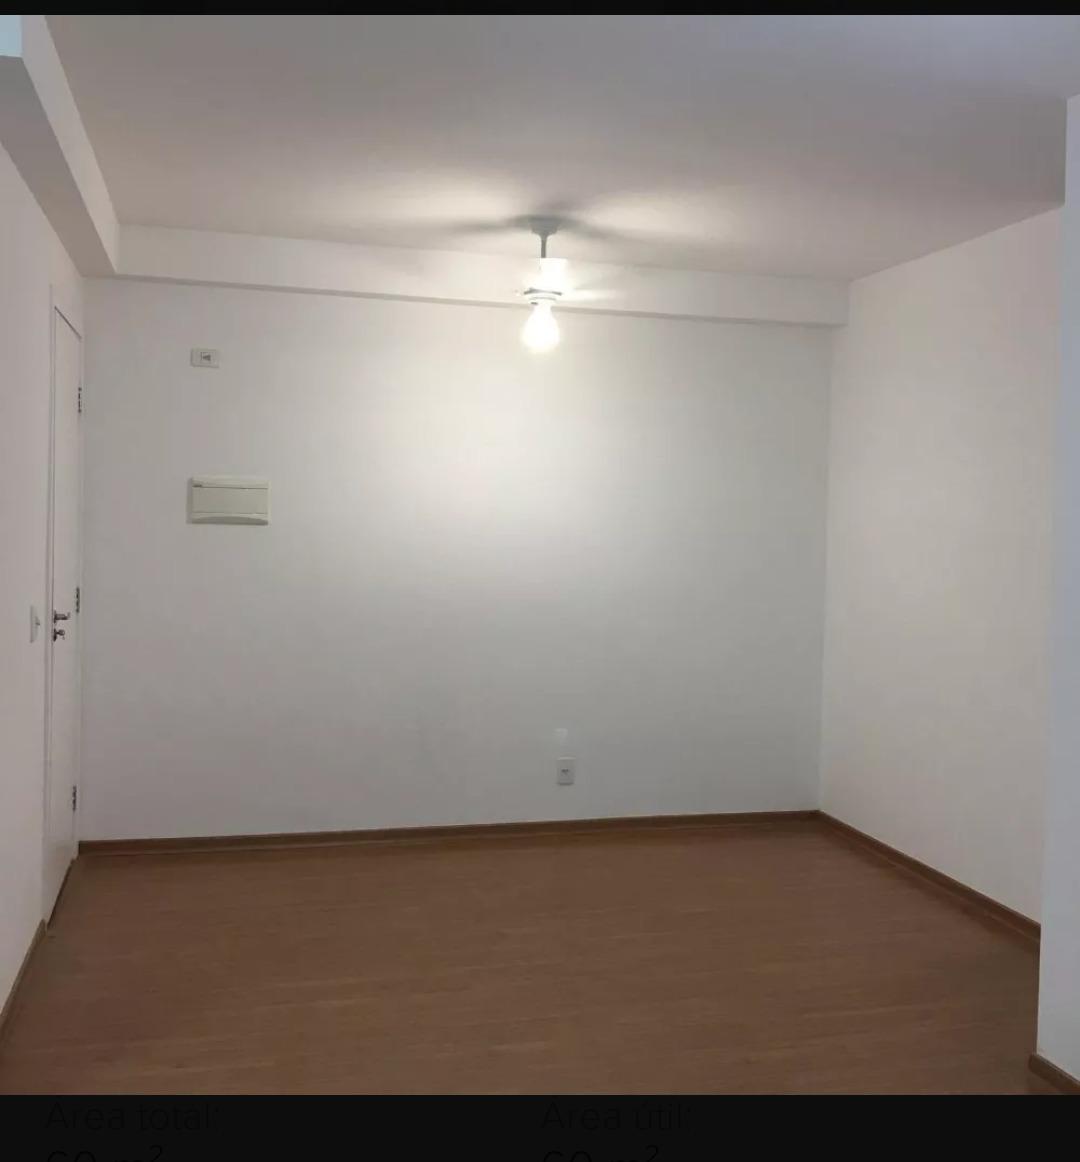 apartamento flex guarulhos 60m2 2 quartos 1 vaga